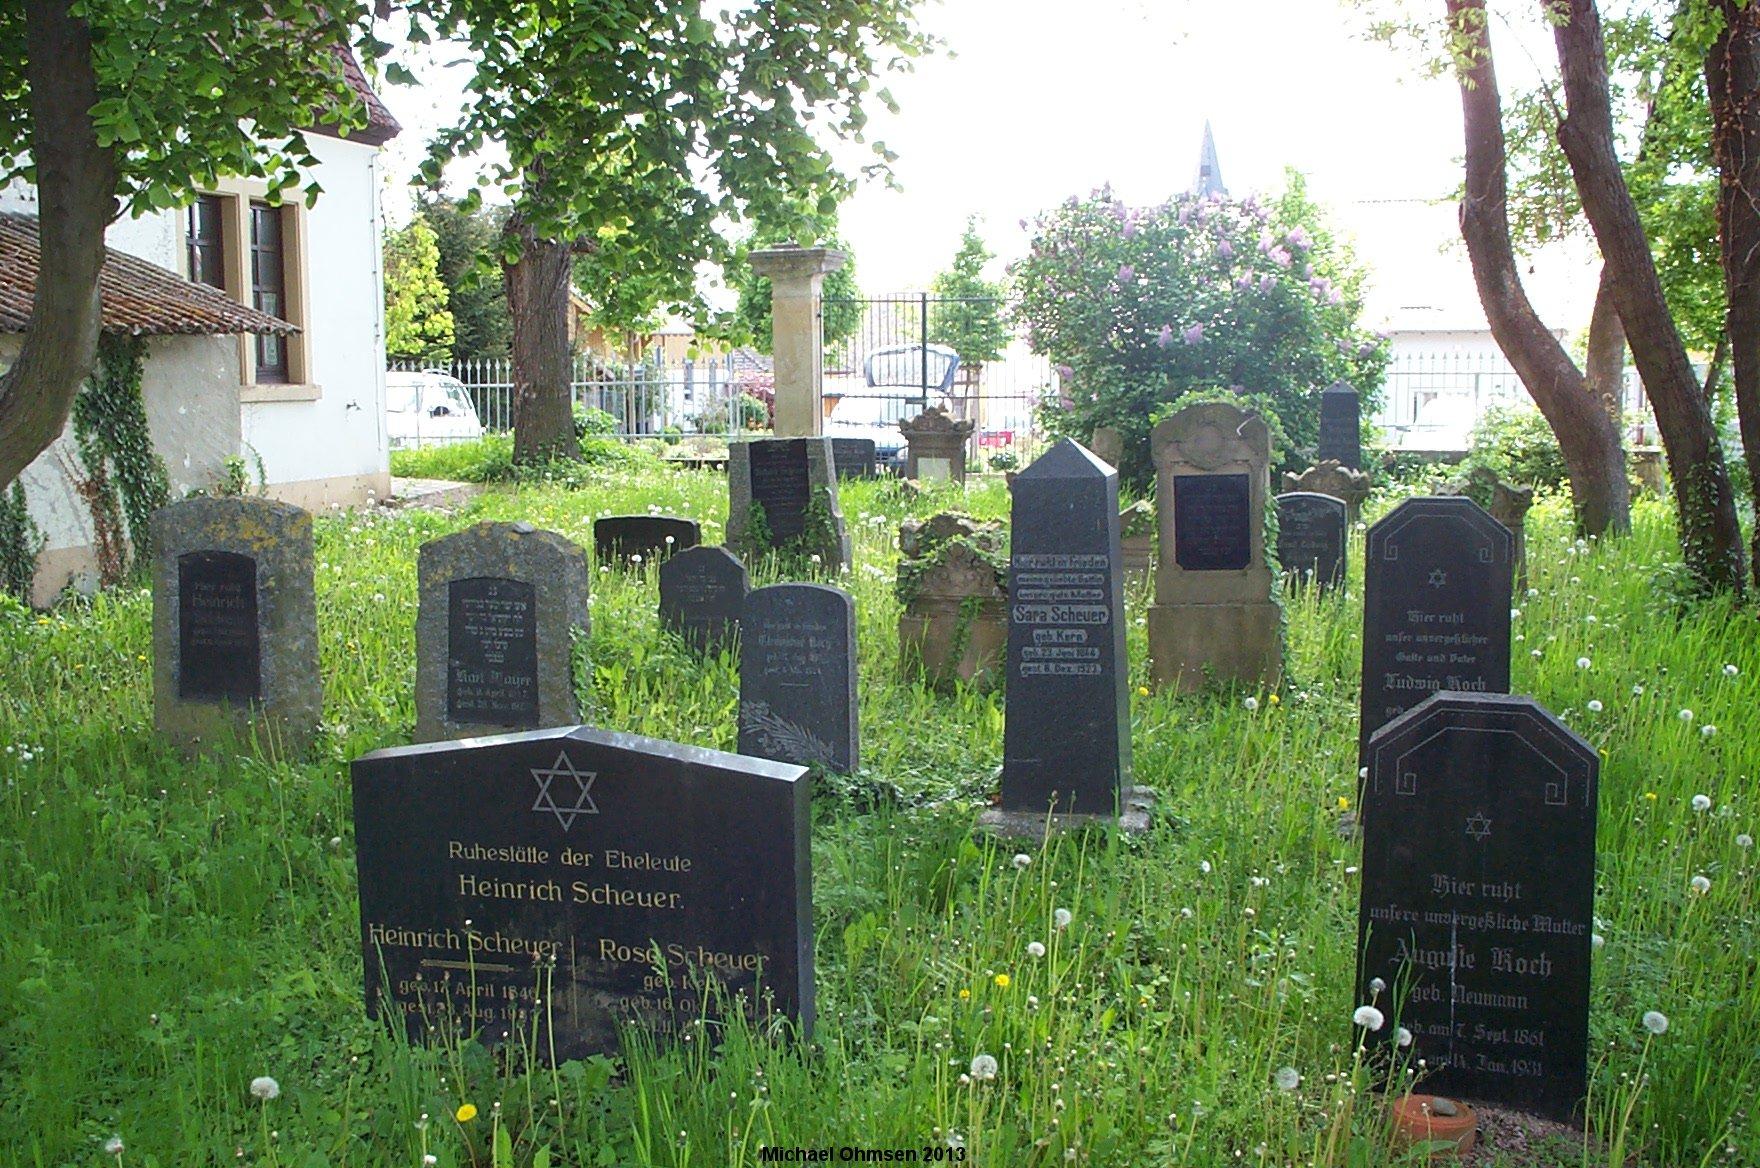 http://www.alemannia-judaica.de/images/Images%20347/Framersheim%20Friedhof%2013011.jpg